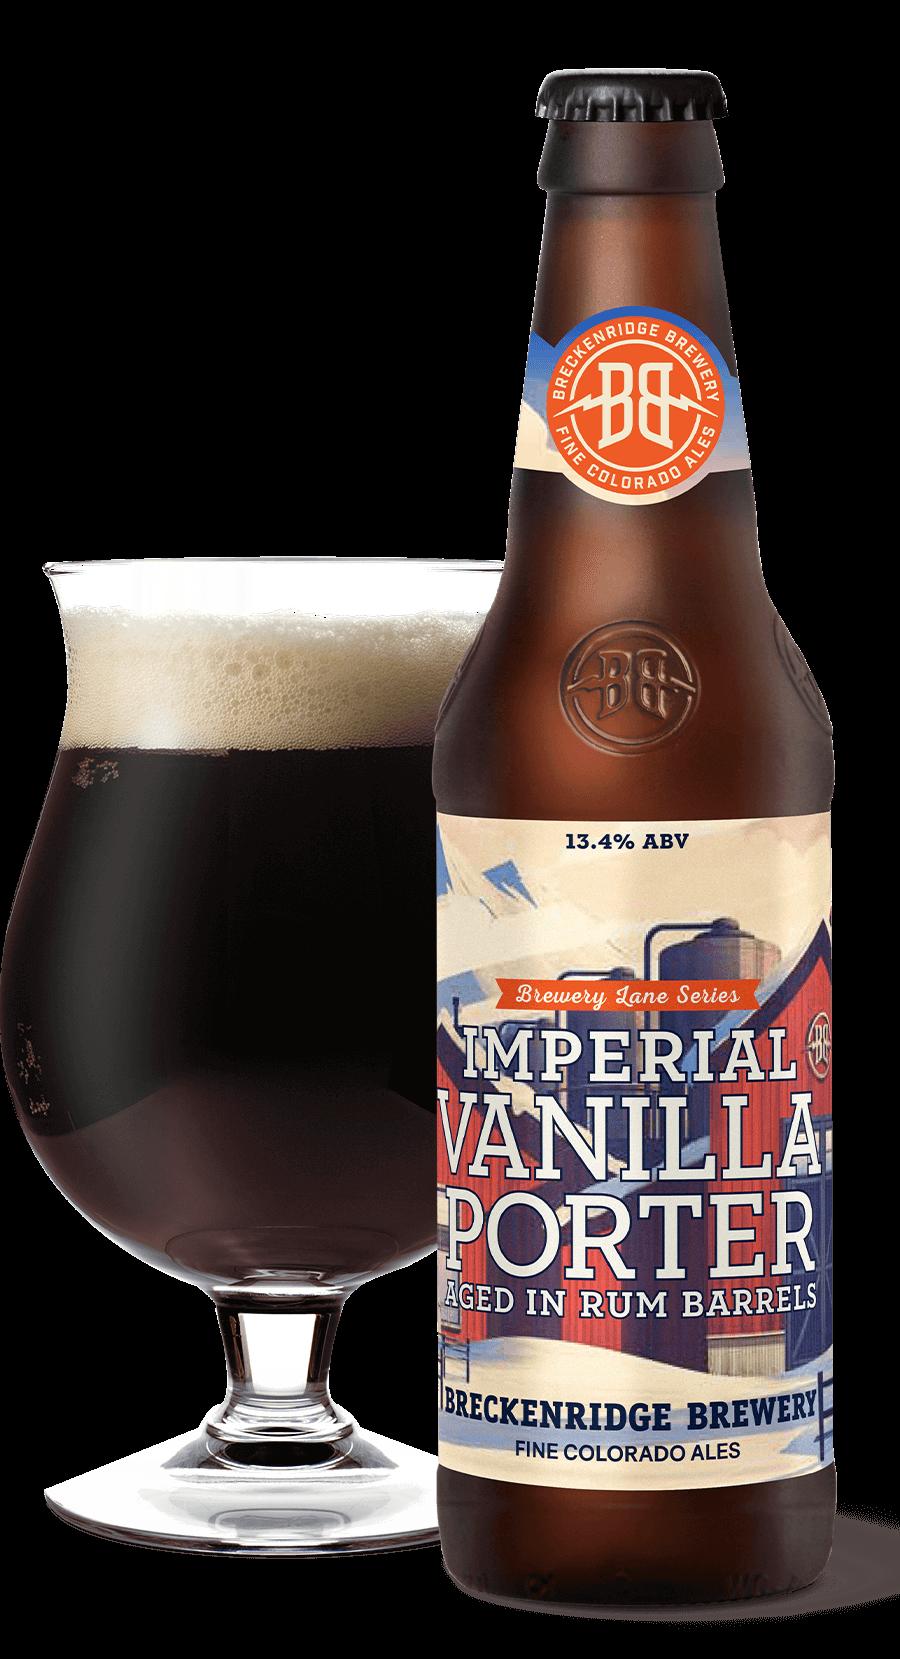 Imperial Vanilla Porter